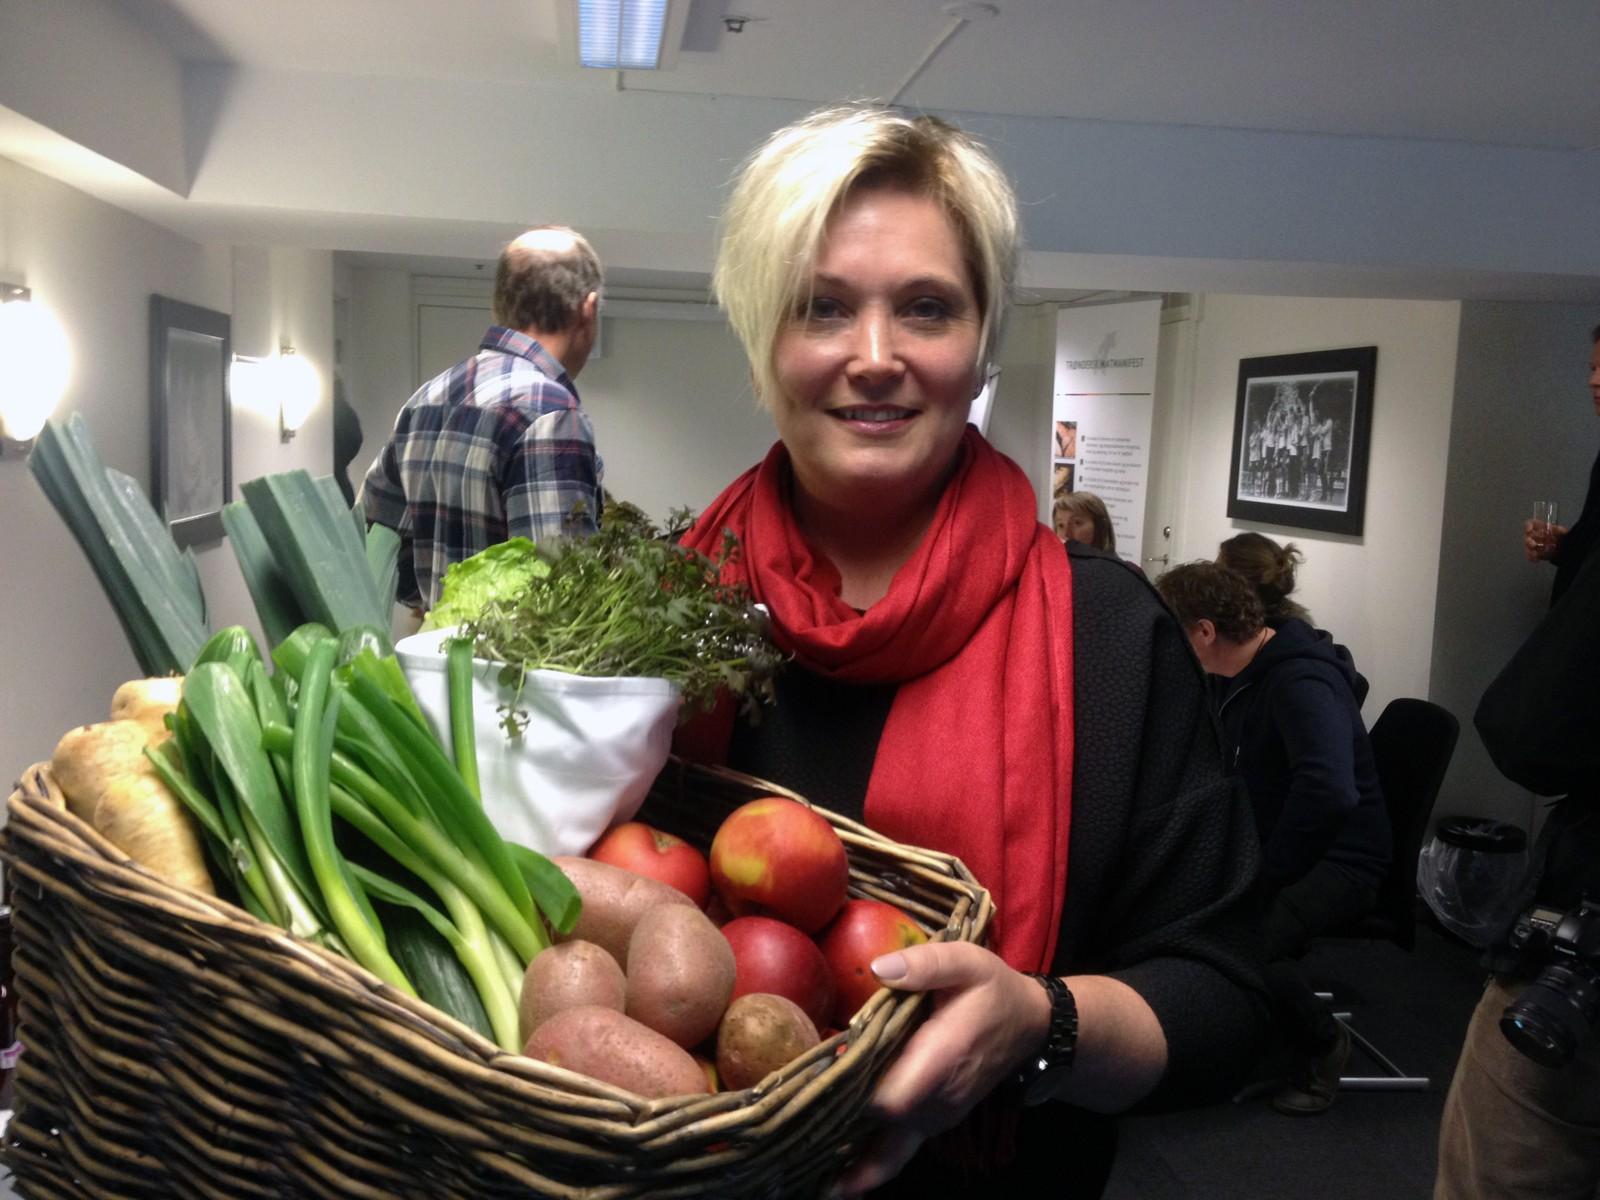 Mathall-gründer i Trondheim, Anne Morkemo. Mathallen i Trondheim skal ligge ved Prinsenkrysset i byen, og et av konseptene er salg av matspesialiteter fra Trøndelag. Hallen skal etter planen åpne i juni i år.